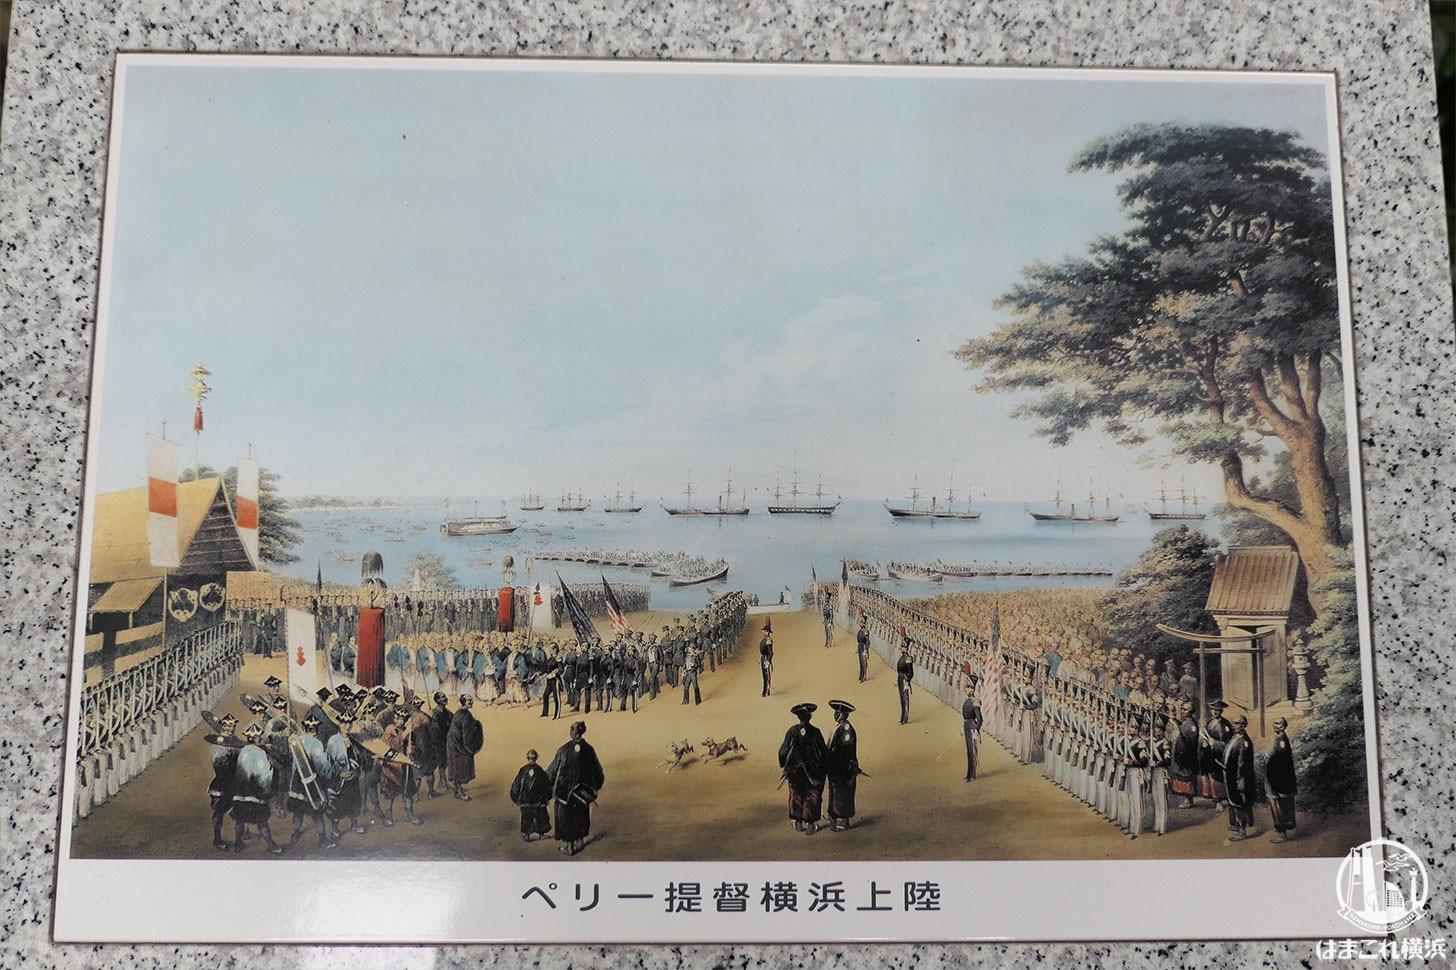 ペリー提督横浜上陸の絵に描かれるたまくすの木